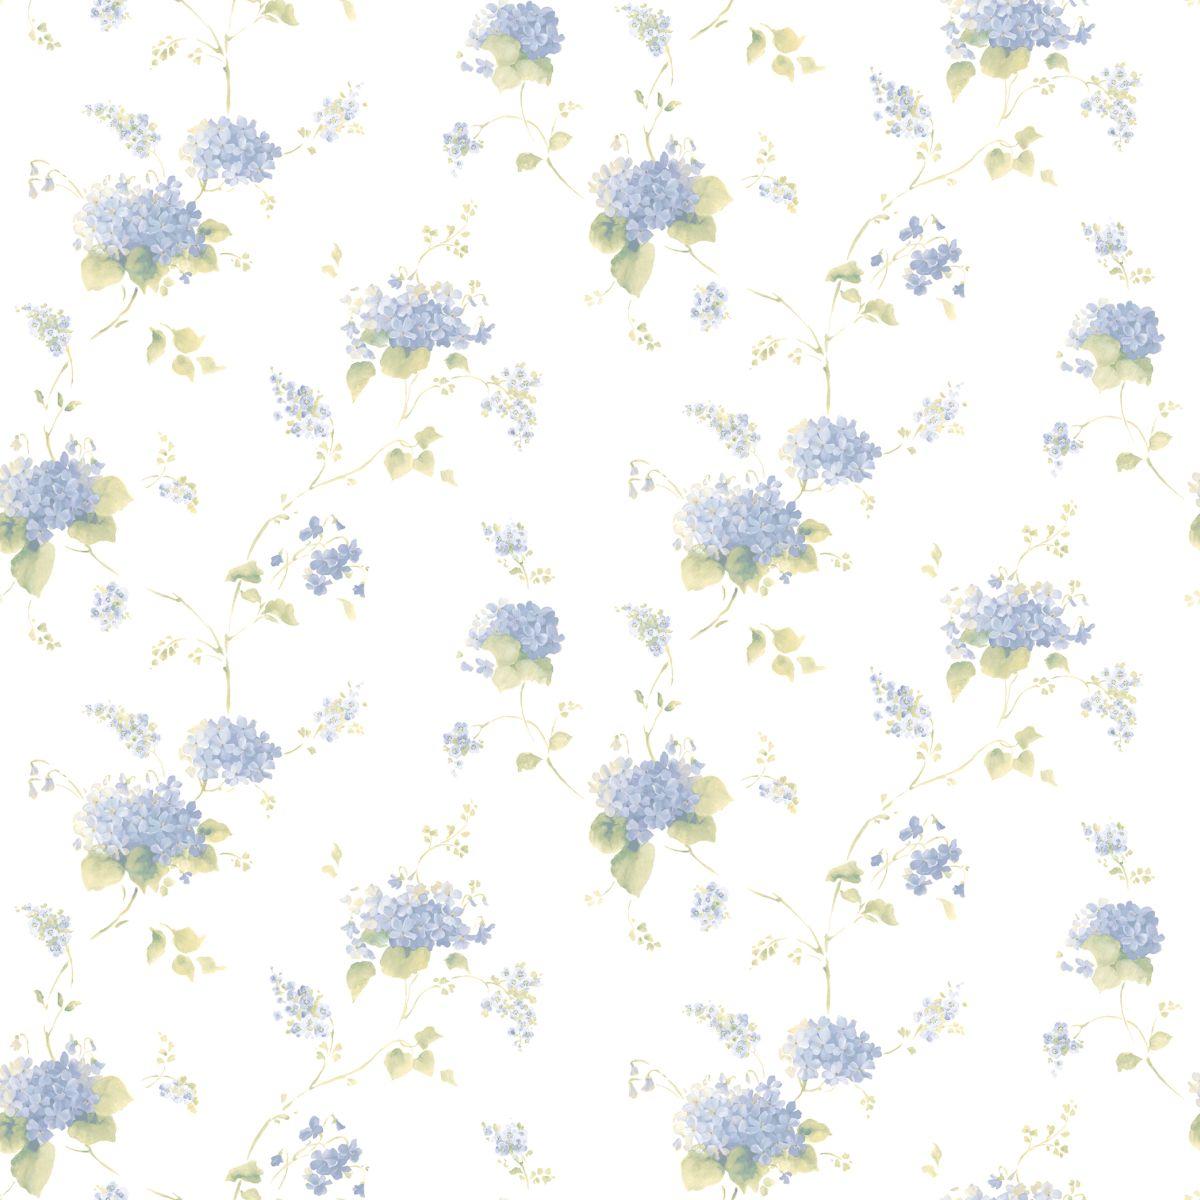 papier vinyl tapete mit floralem muster cn24645 vinyltapete decowunder. Black Bedroom Furniture Sets. Home Design Ideas